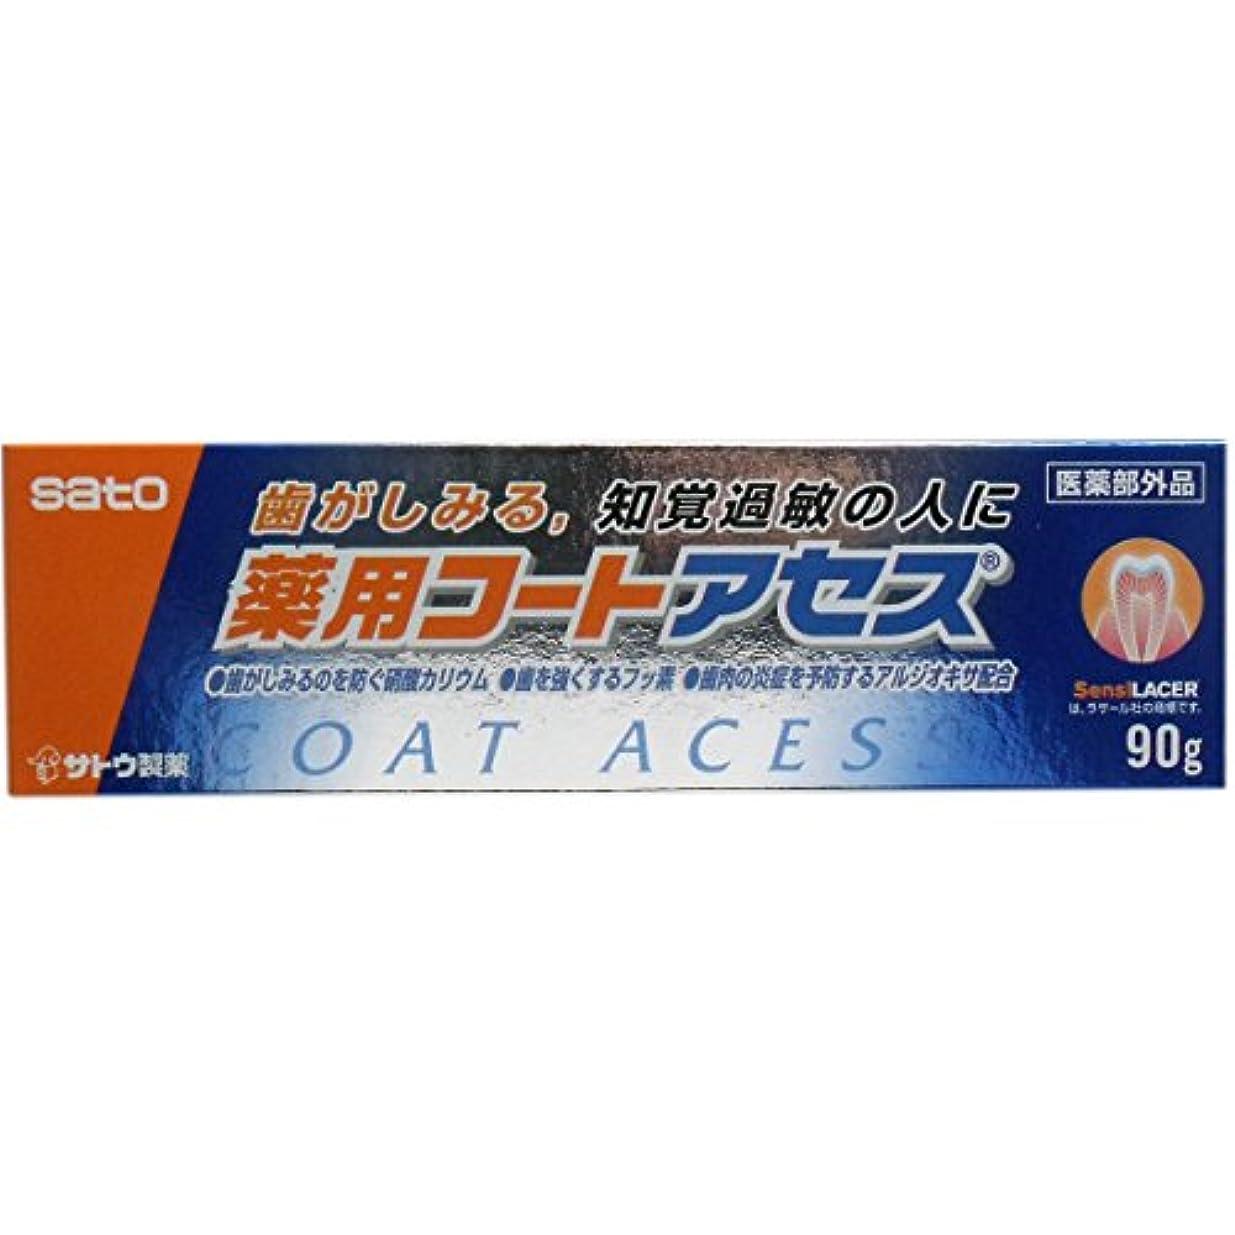 物足りない獲物召集する薬用コートアセス 90g×(10セット)